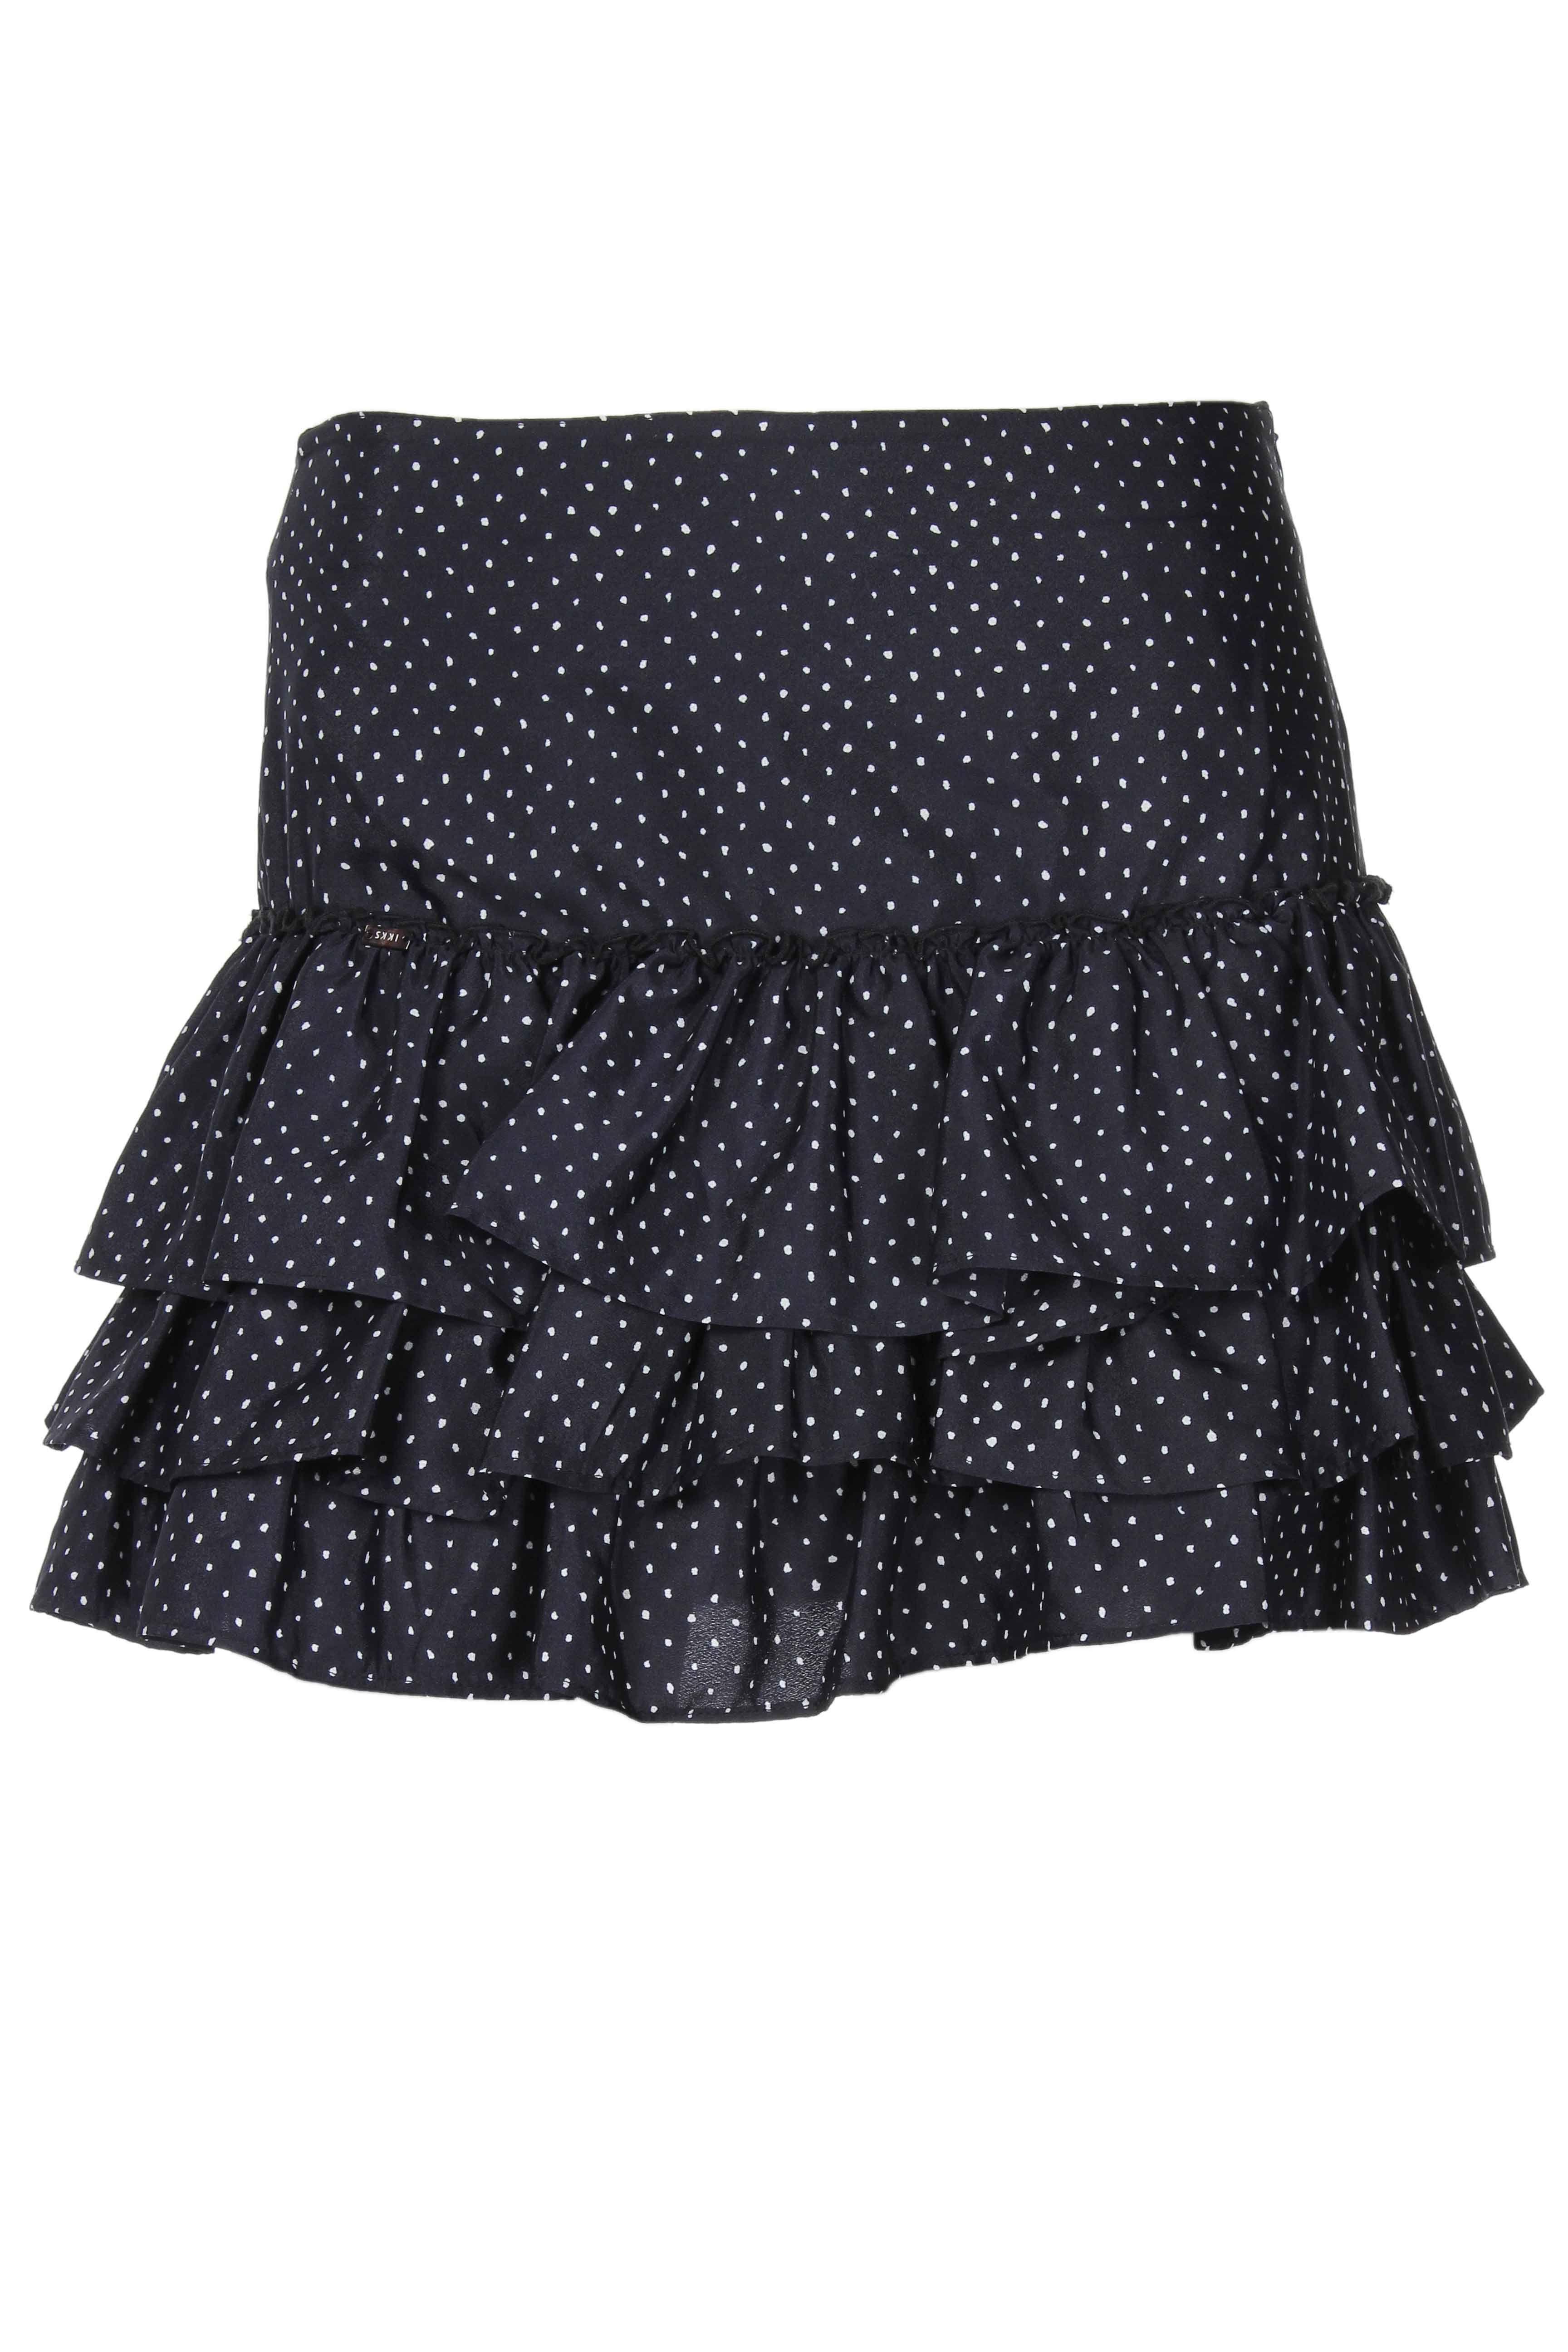 Jupes Mini-jupe IKKS - couleur NOIR - matiere Polyester   Vêtements ... 618c413a085